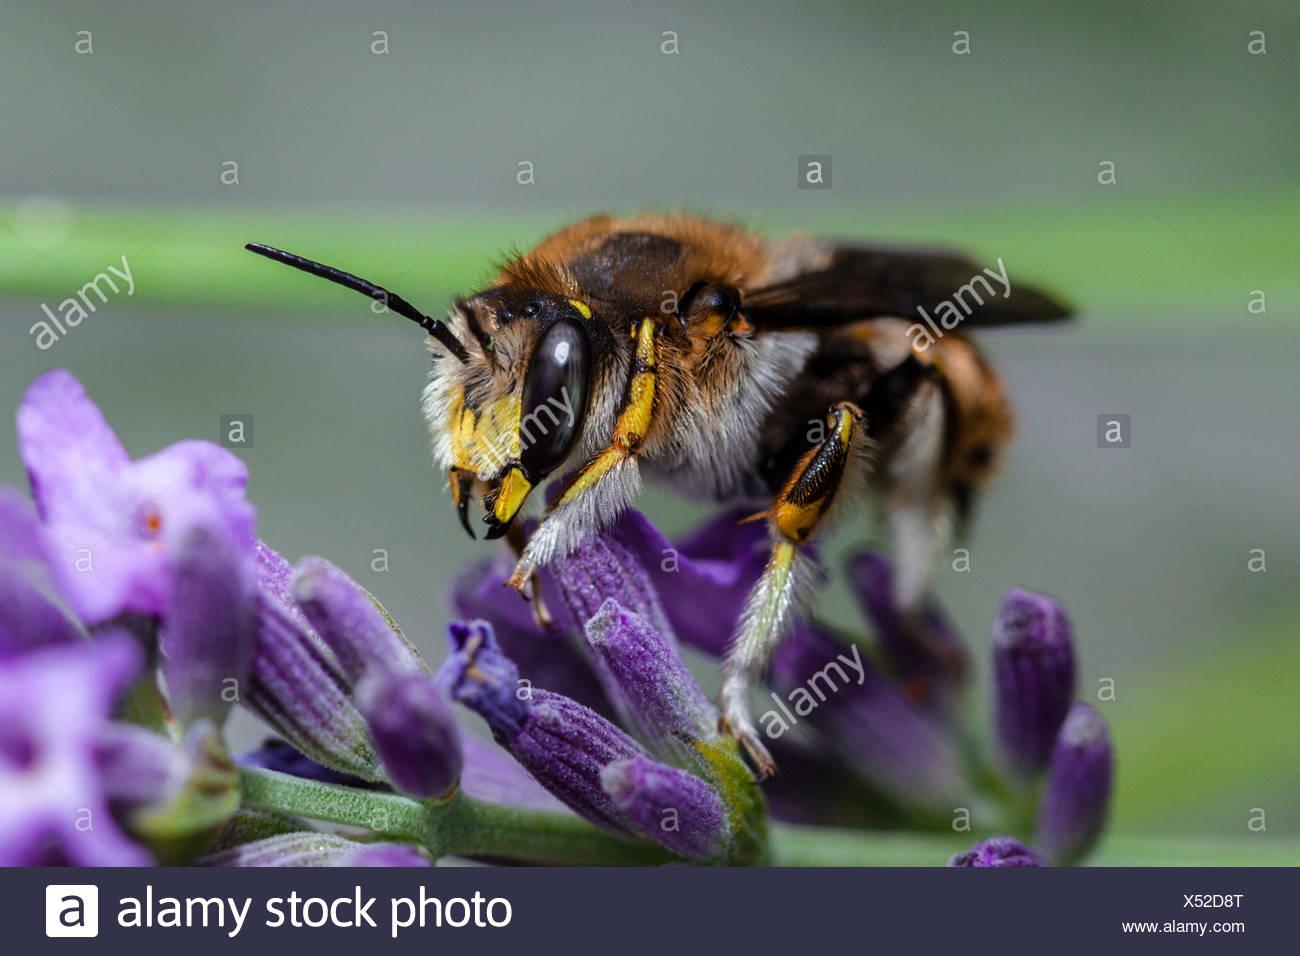 Europäische wolle carder Biene, anthidium manicatum, München, Bayern, Deutschland Stockbild